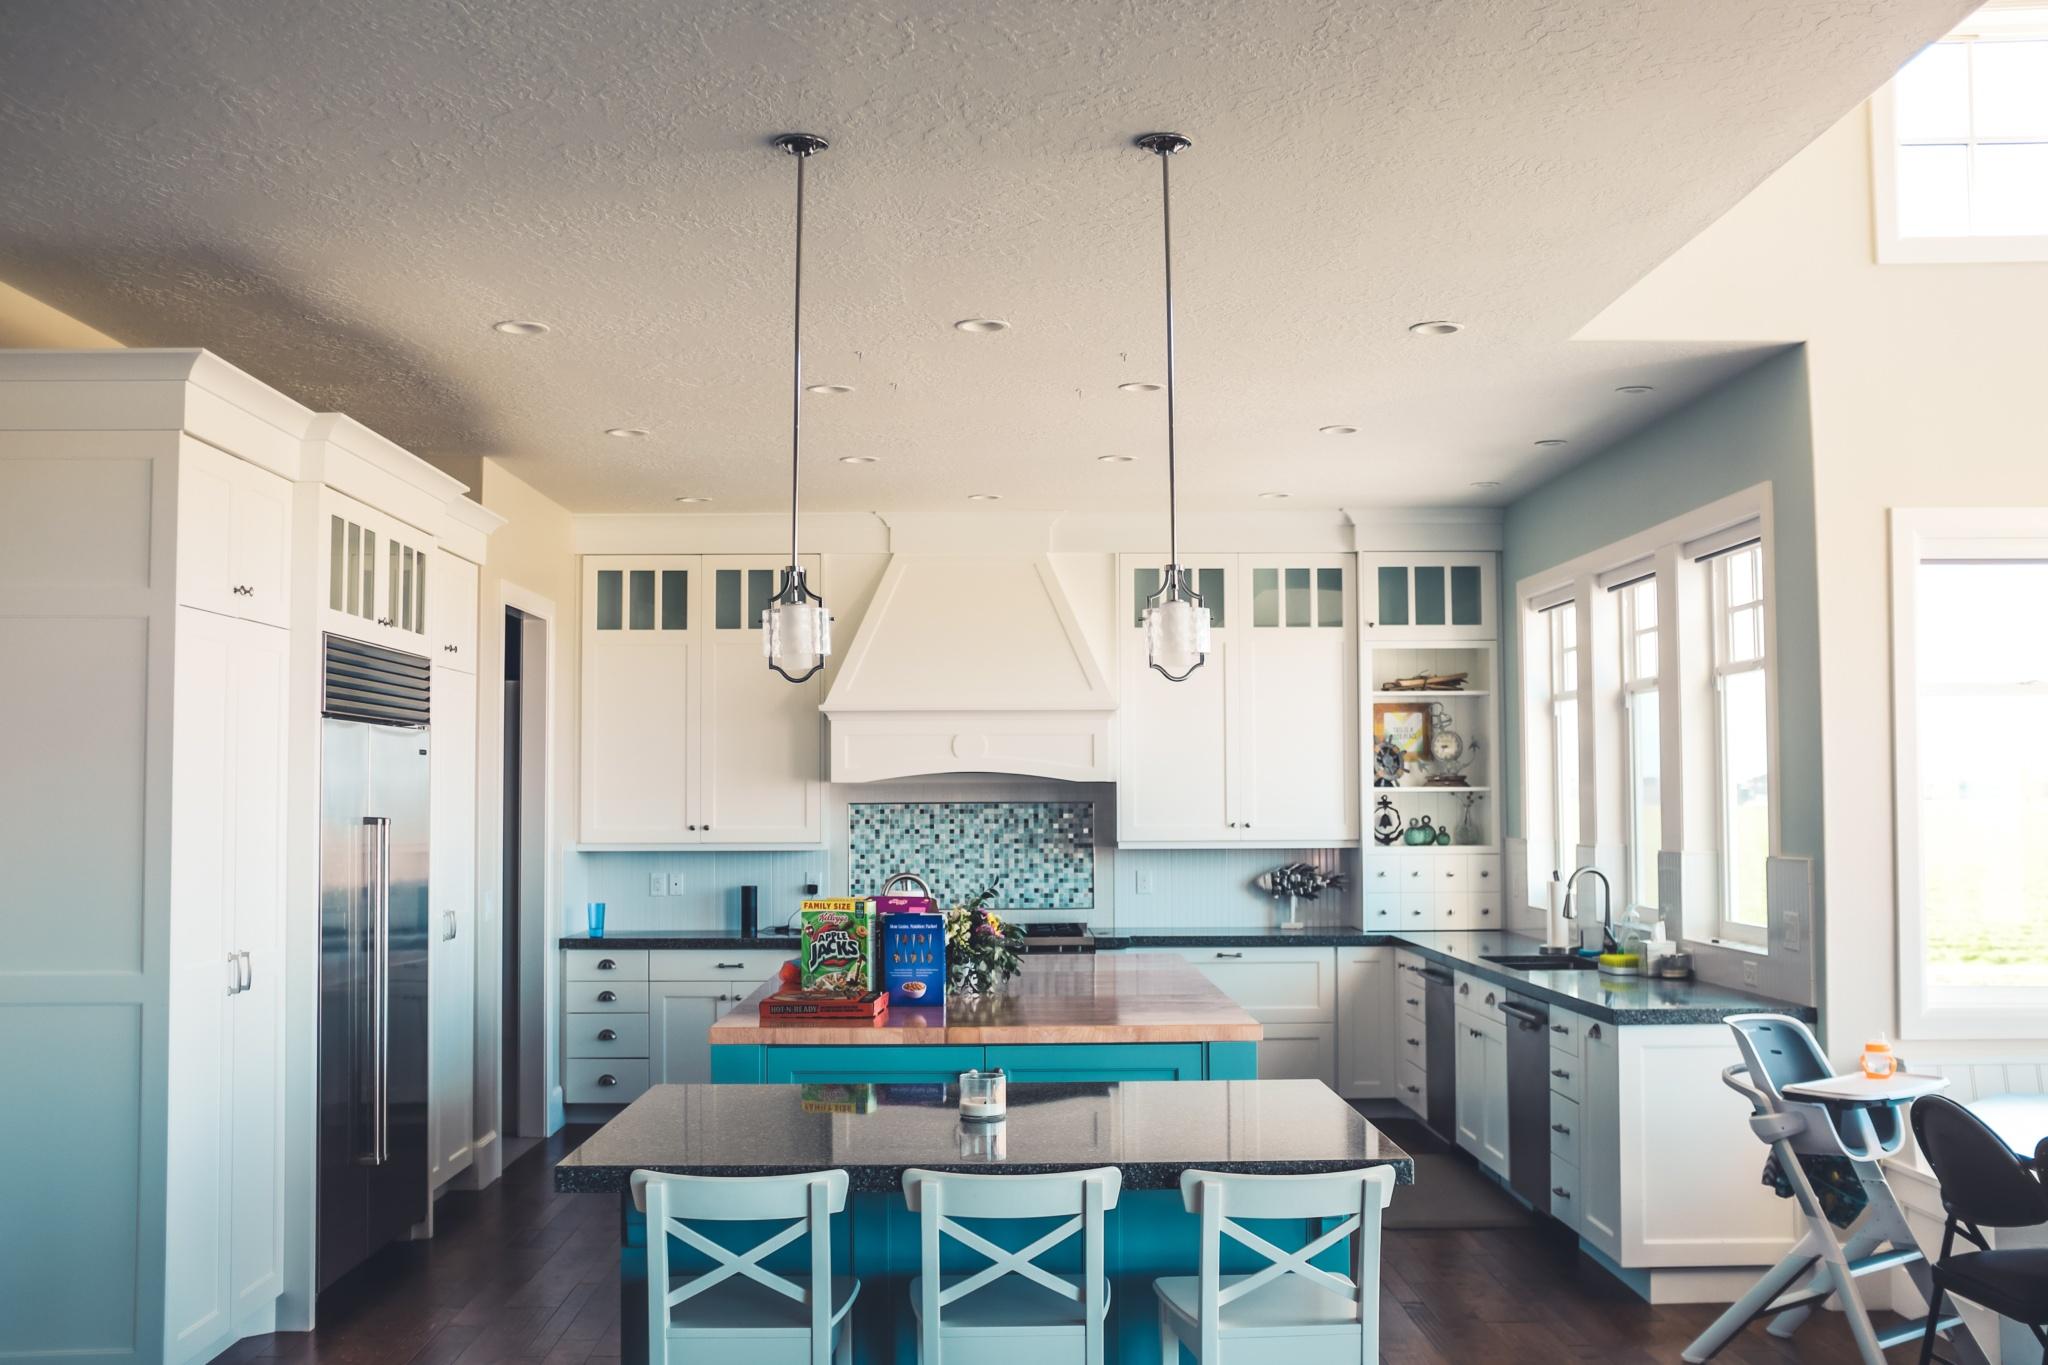 Home decor tips kitchen